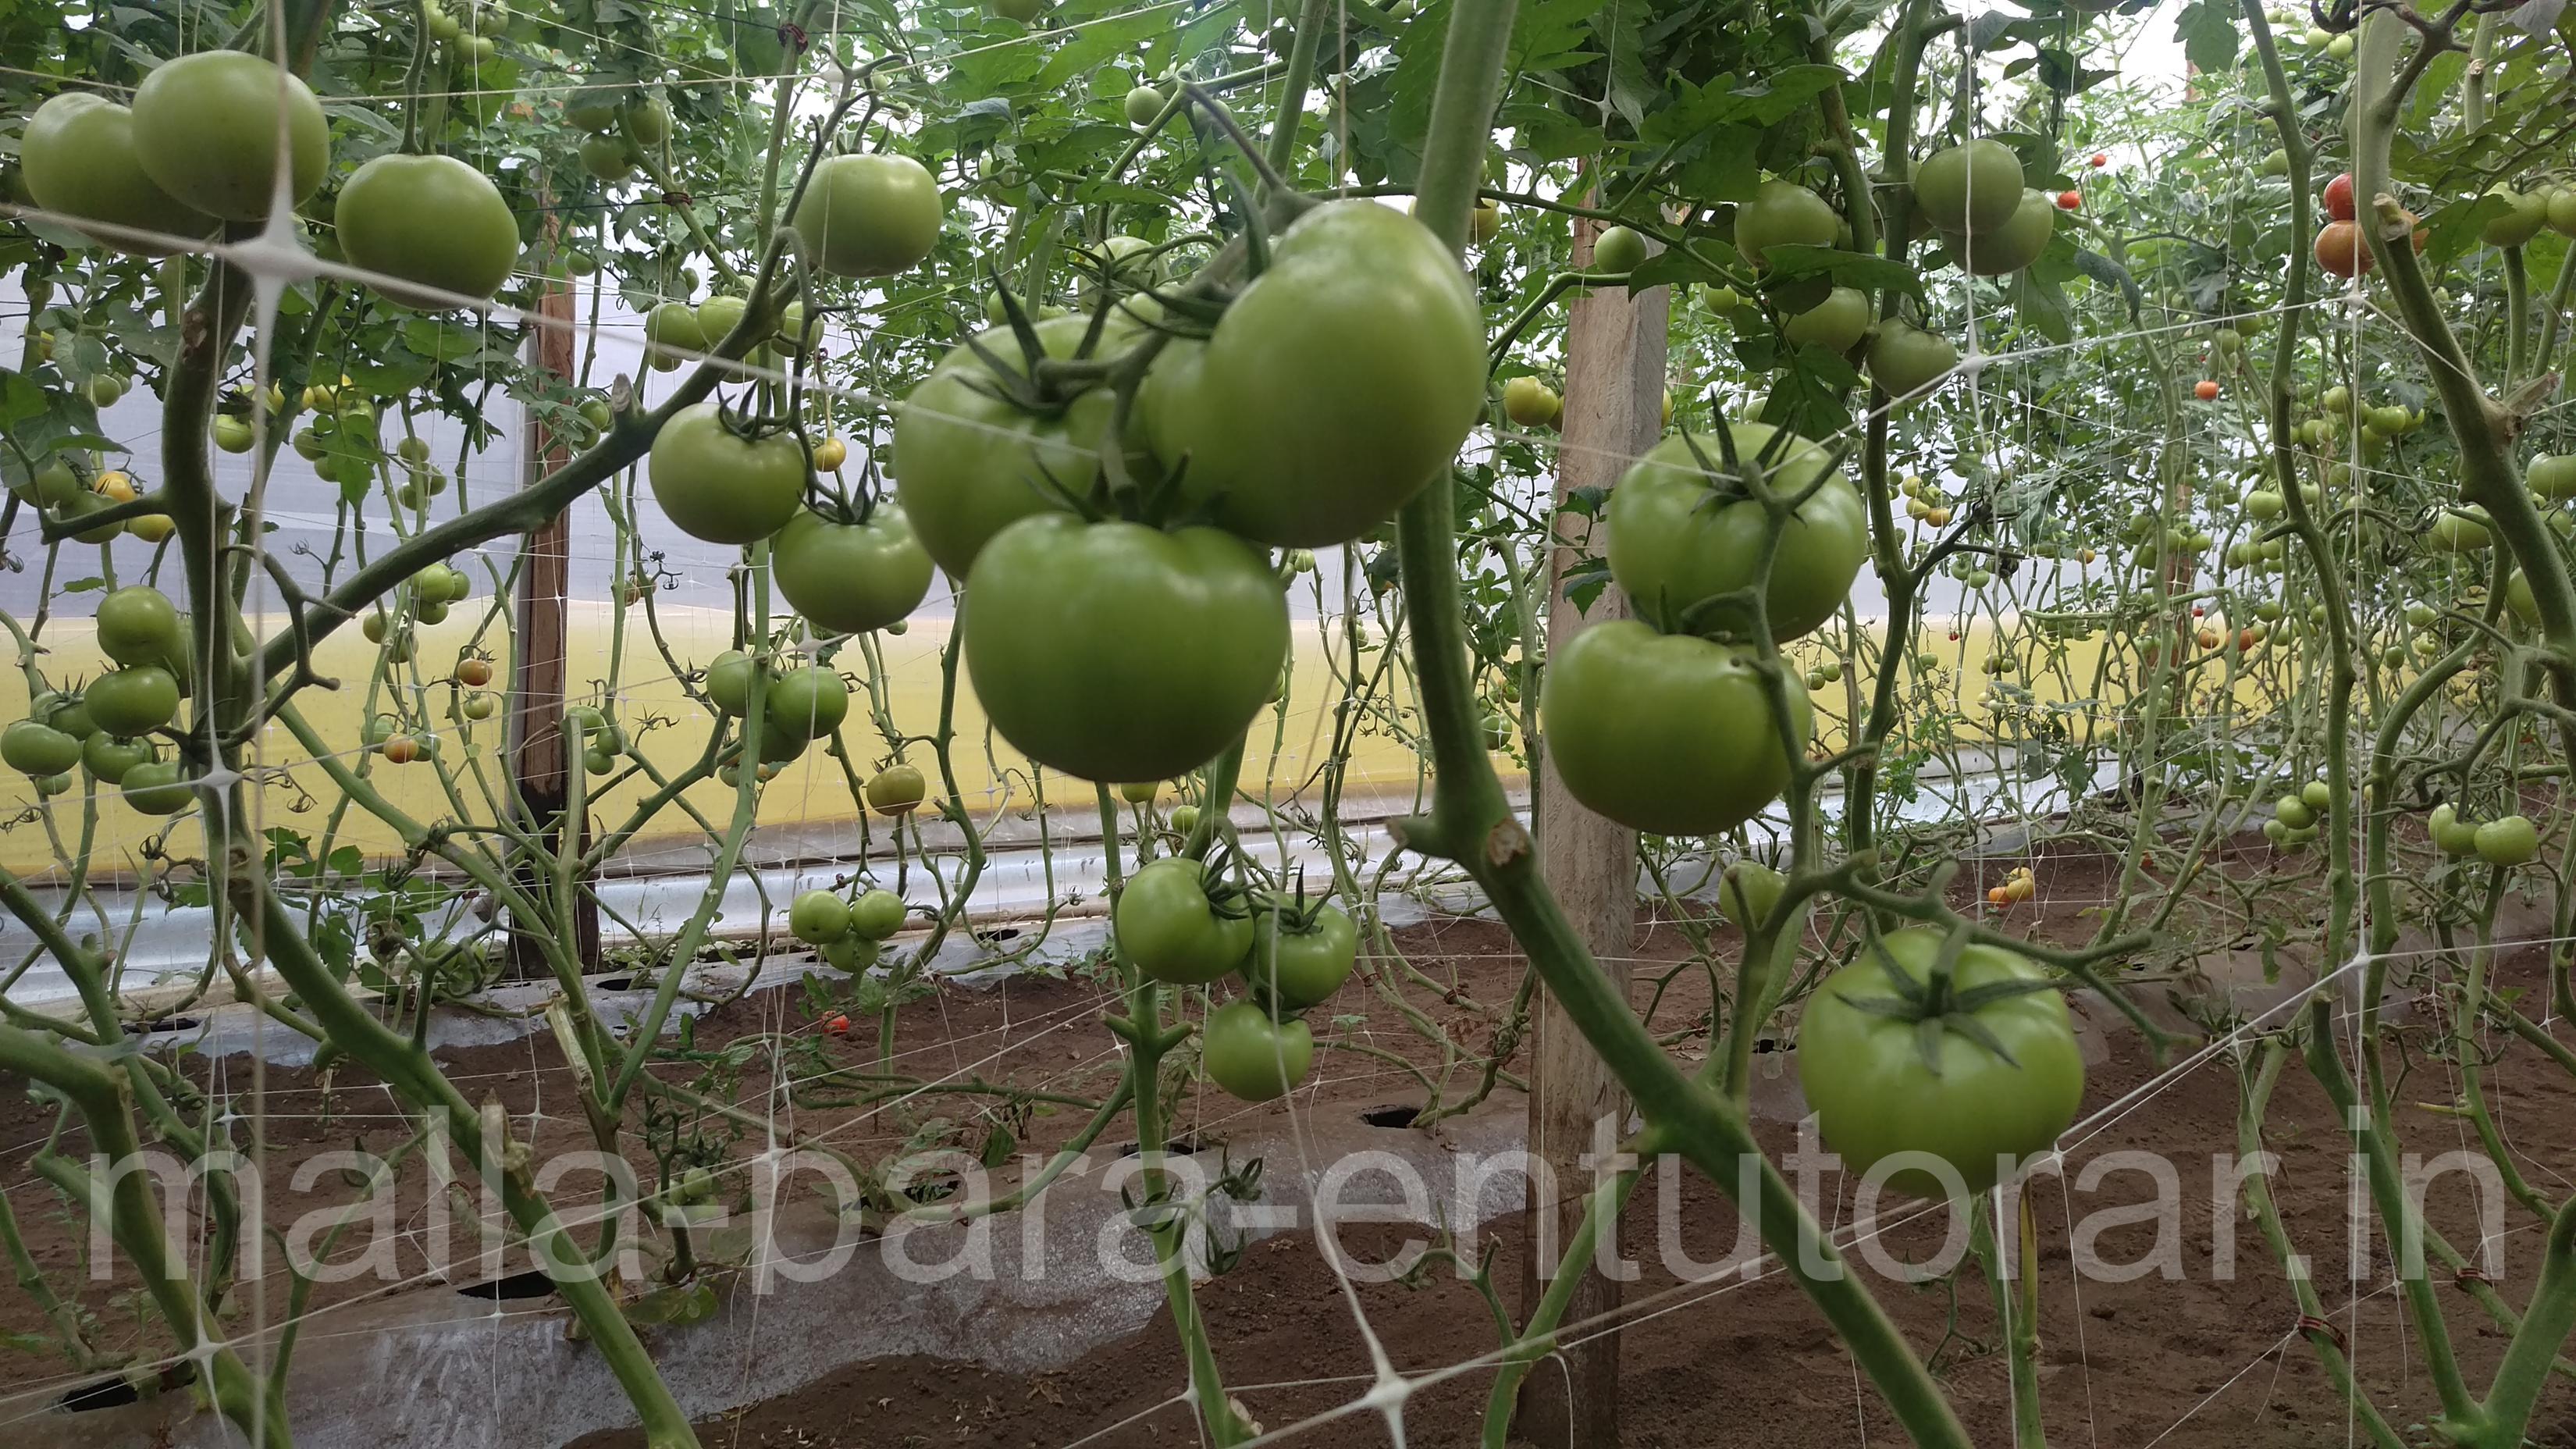 Malla para entutorar hortalizas para tu cultivo el - Tutores para tomates ...